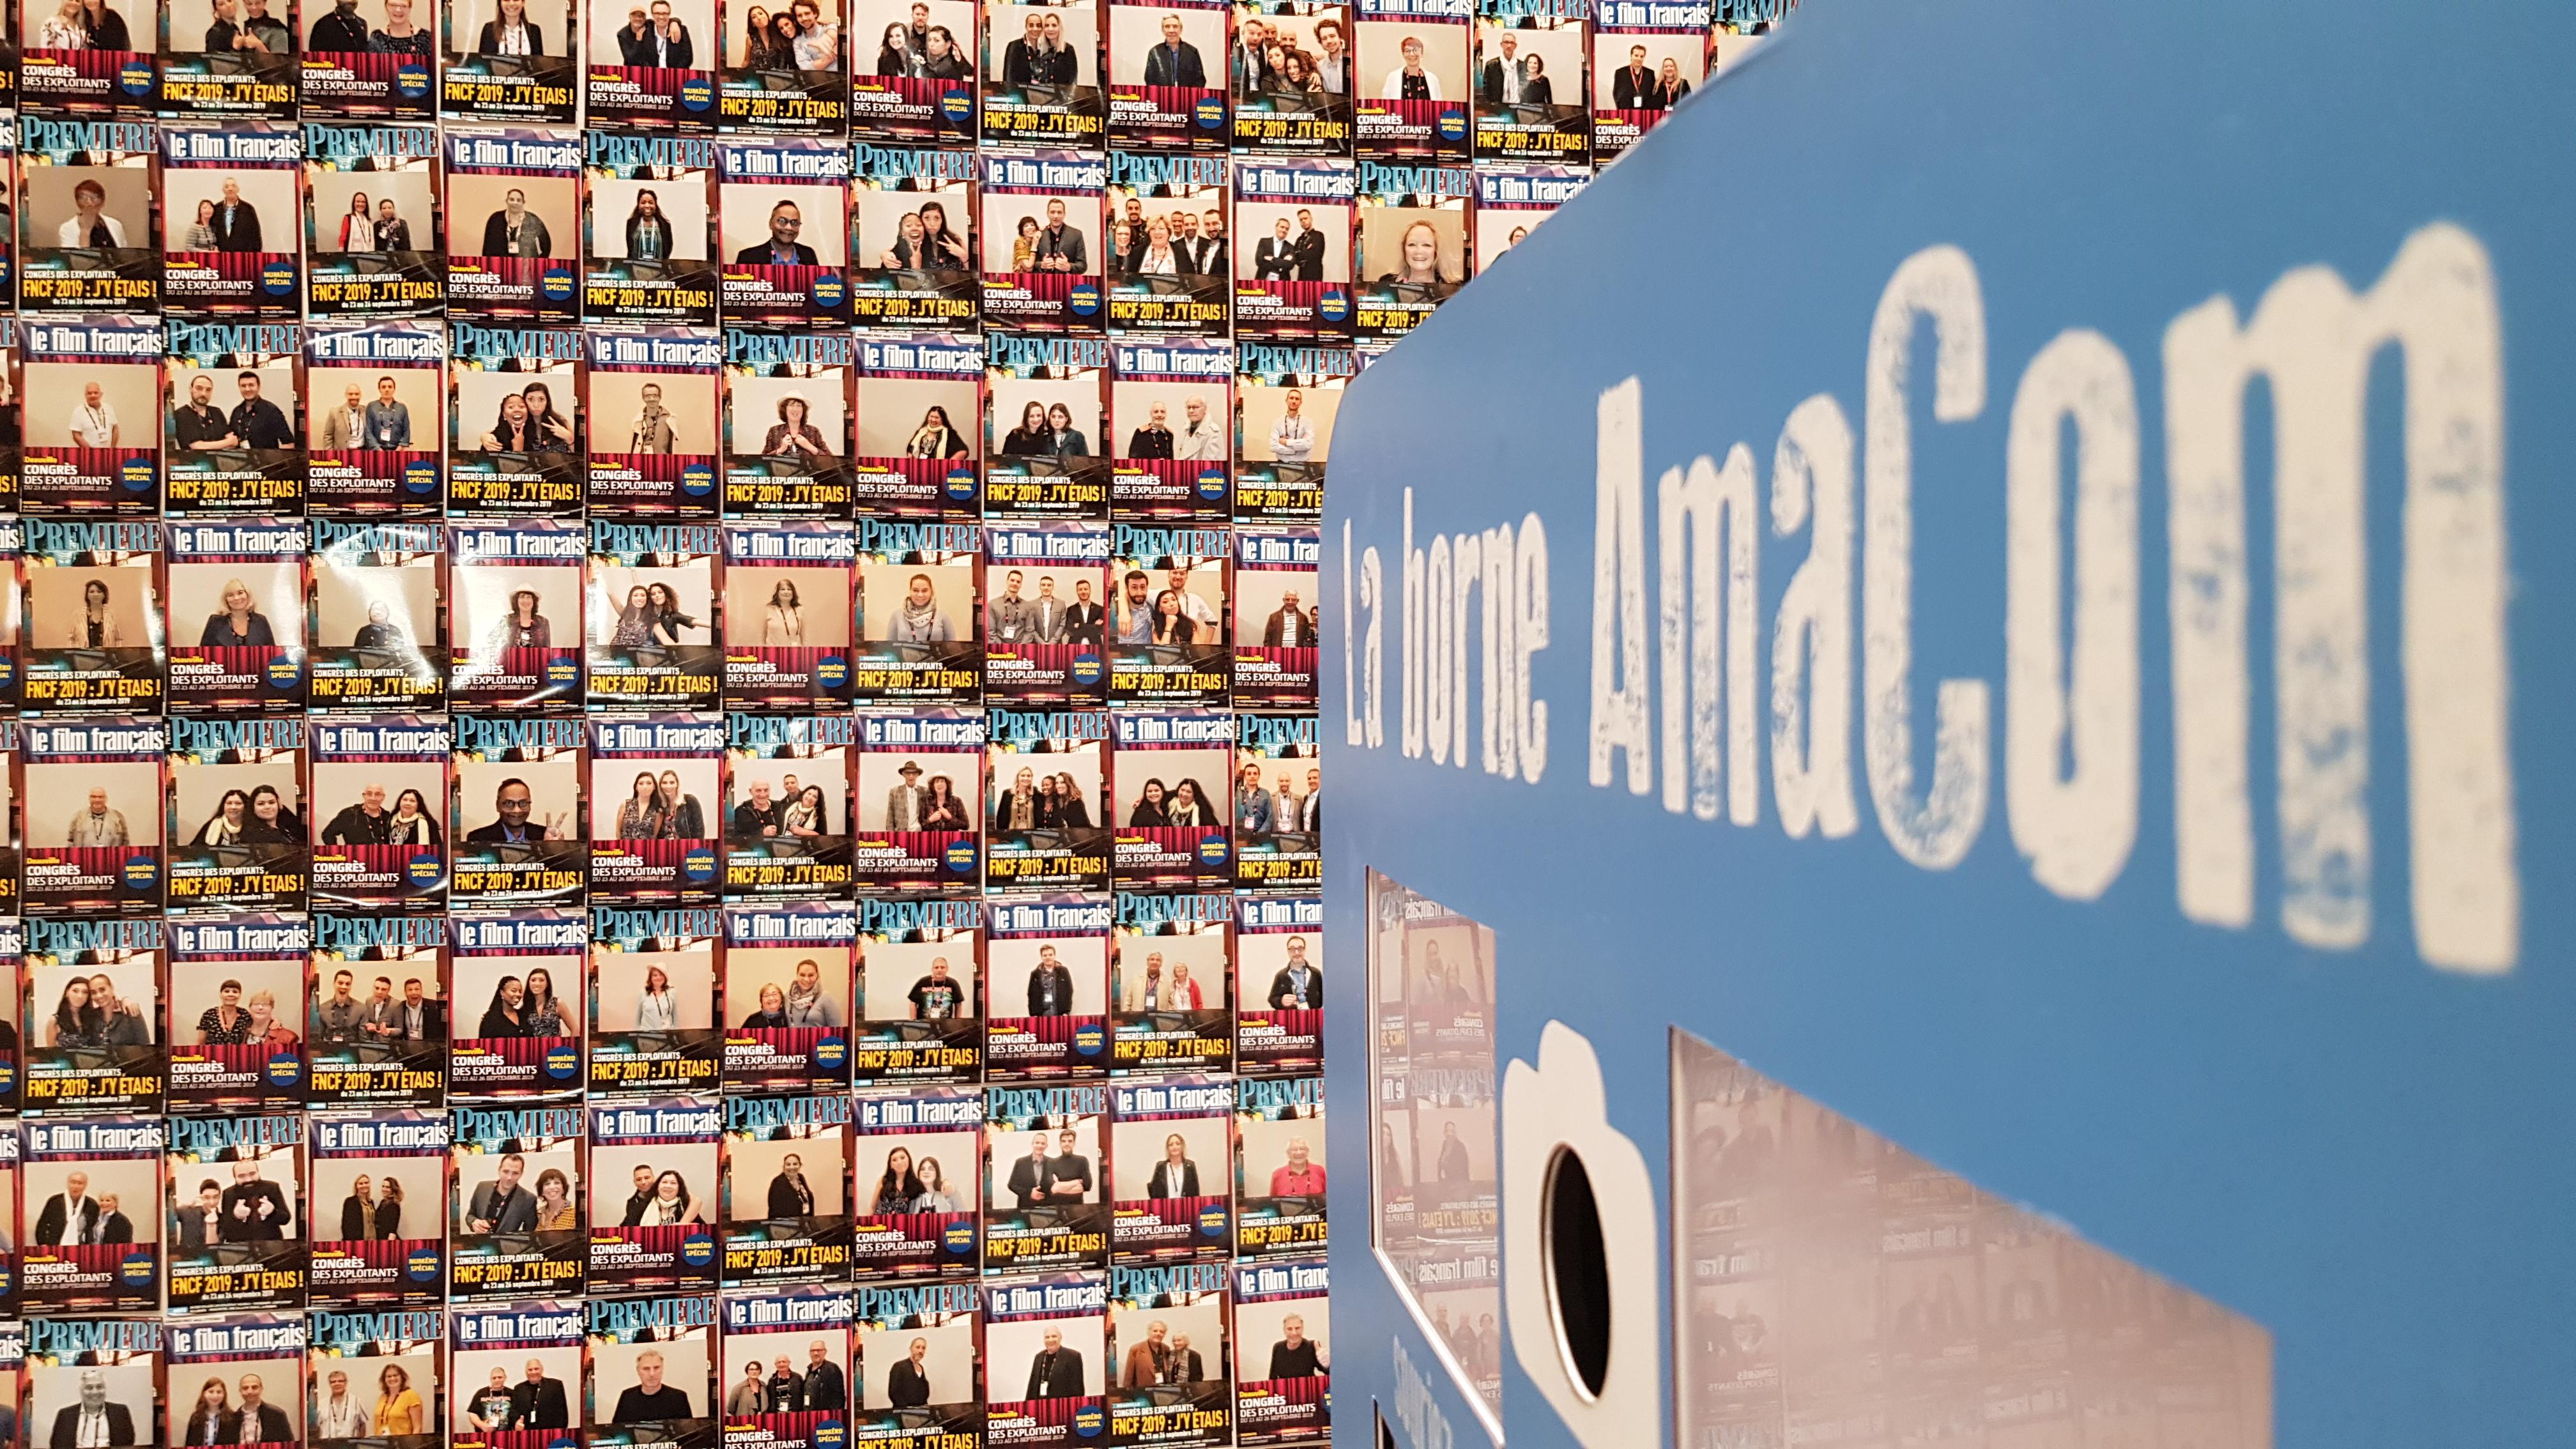 borne à selfie photobooth deauville congres CID Deauville calvados normandie entreprise Le Film Francais Premiere